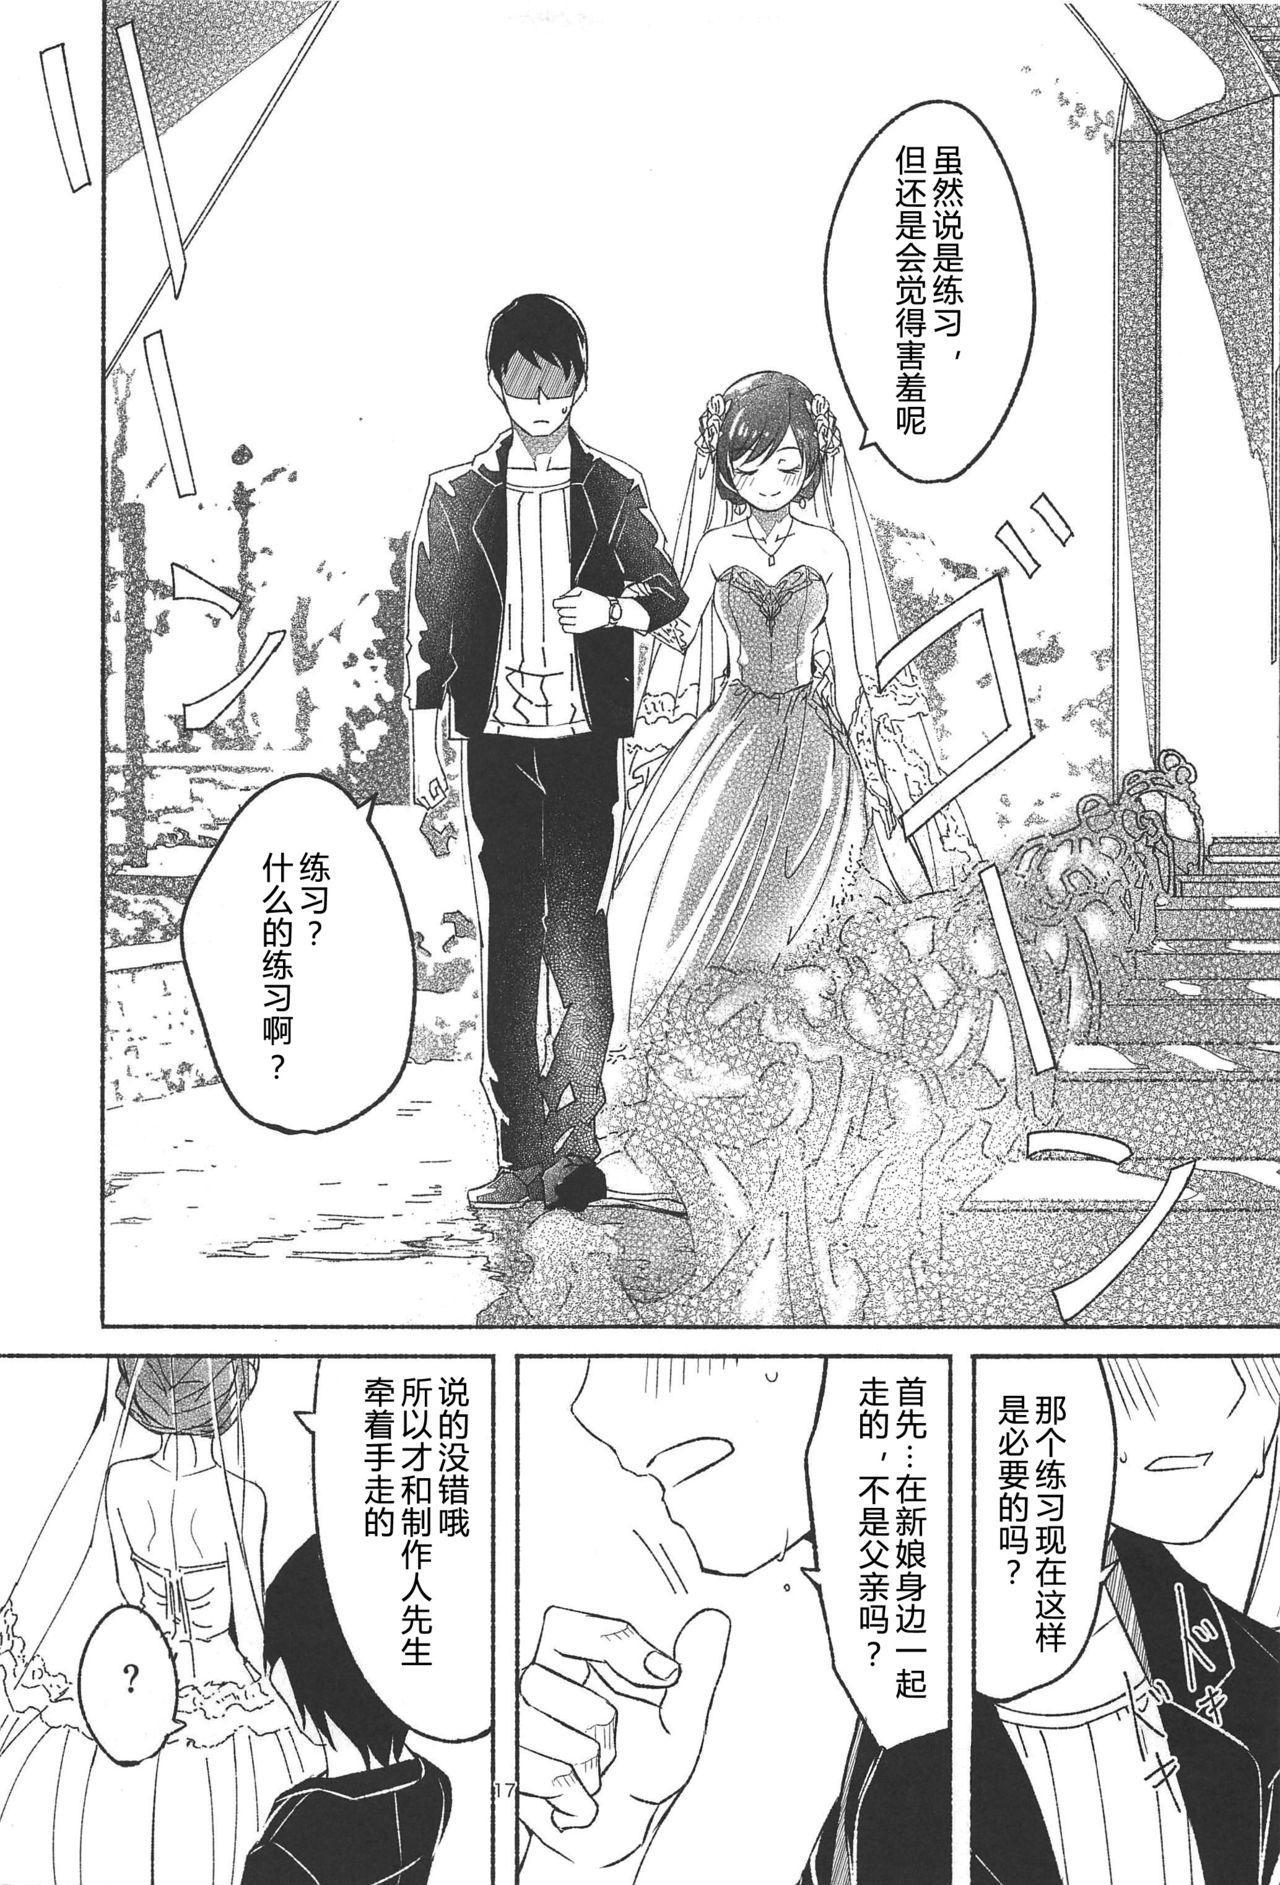 Nagisa no Hanayome 20